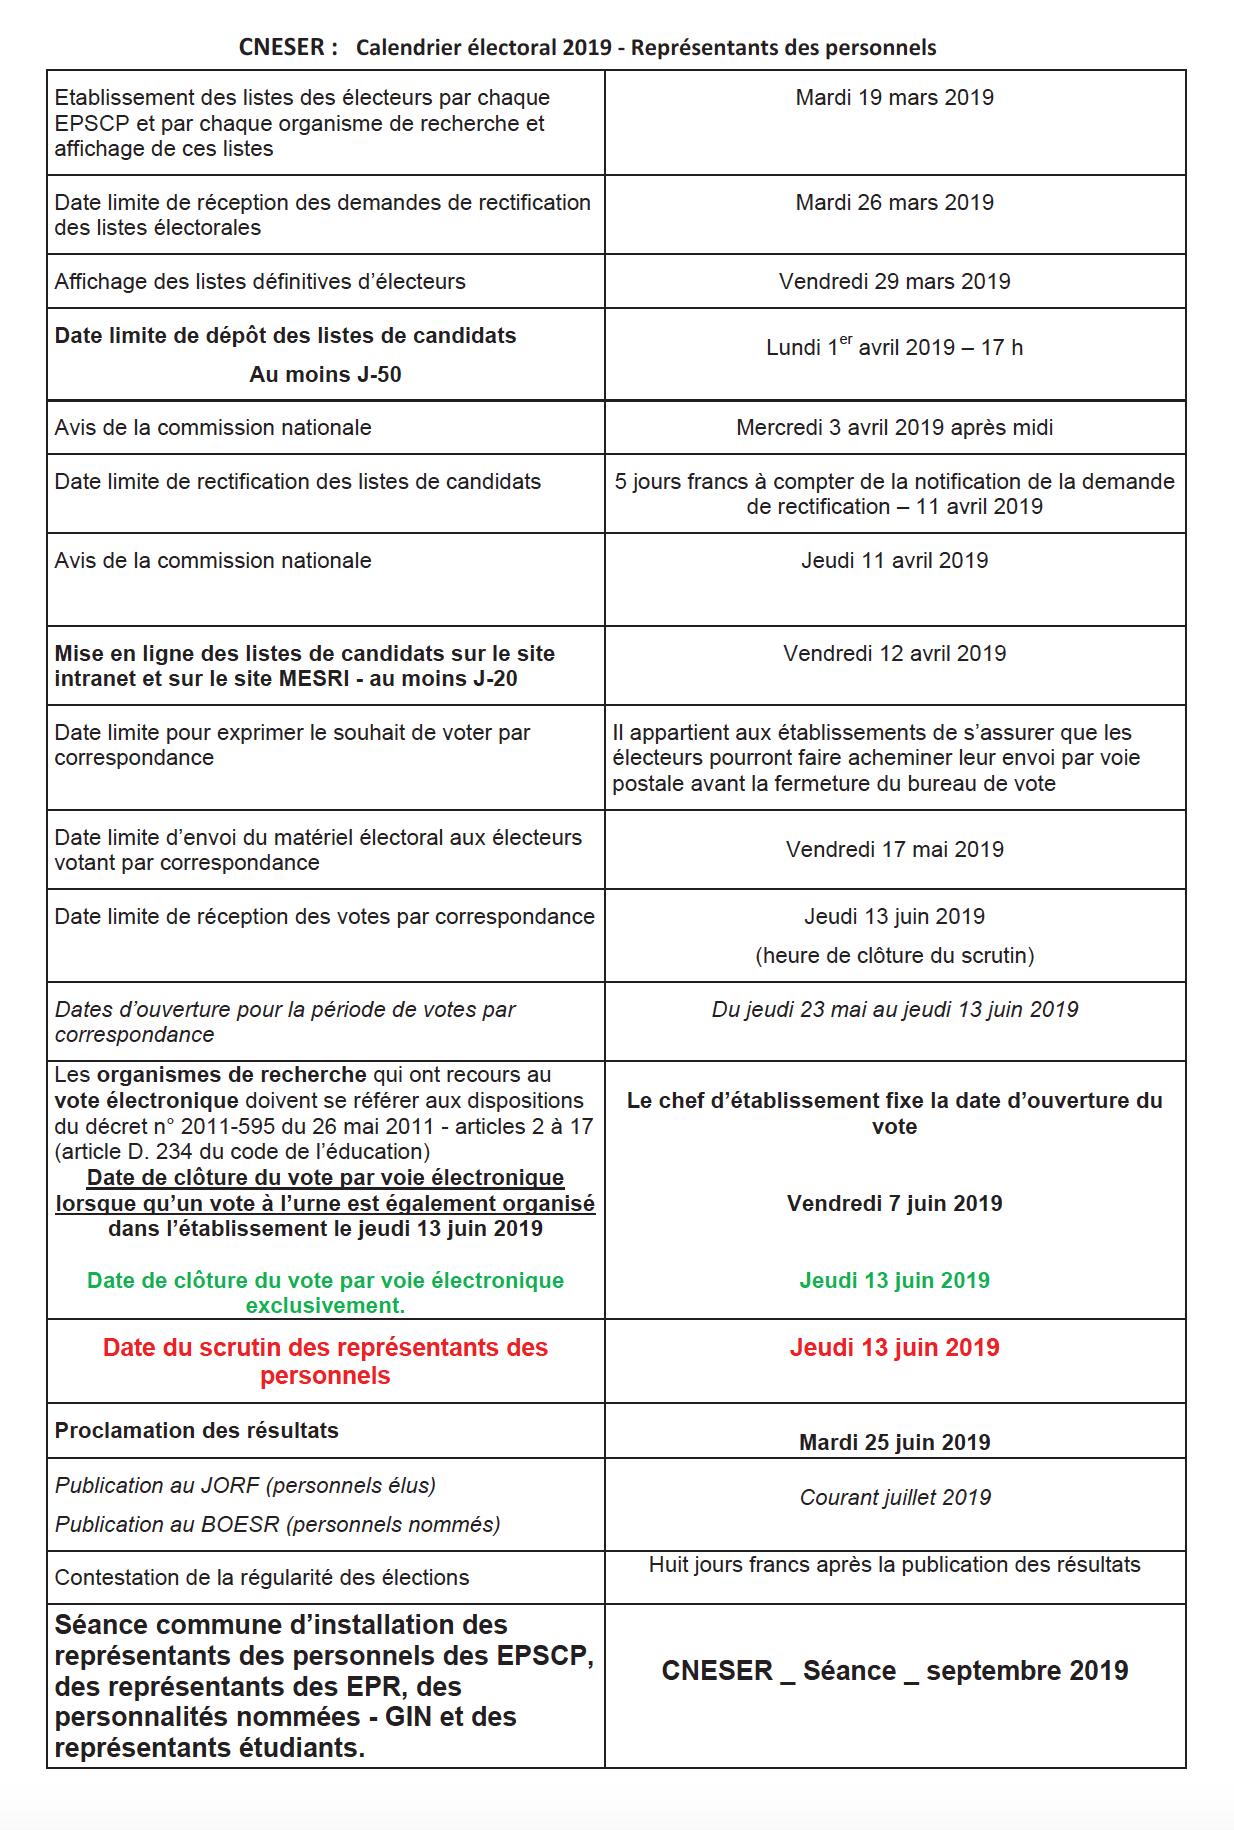 Calendrier Election 2019.Calendrier Des Elections Au Cneser 2019 Snesup Fsu